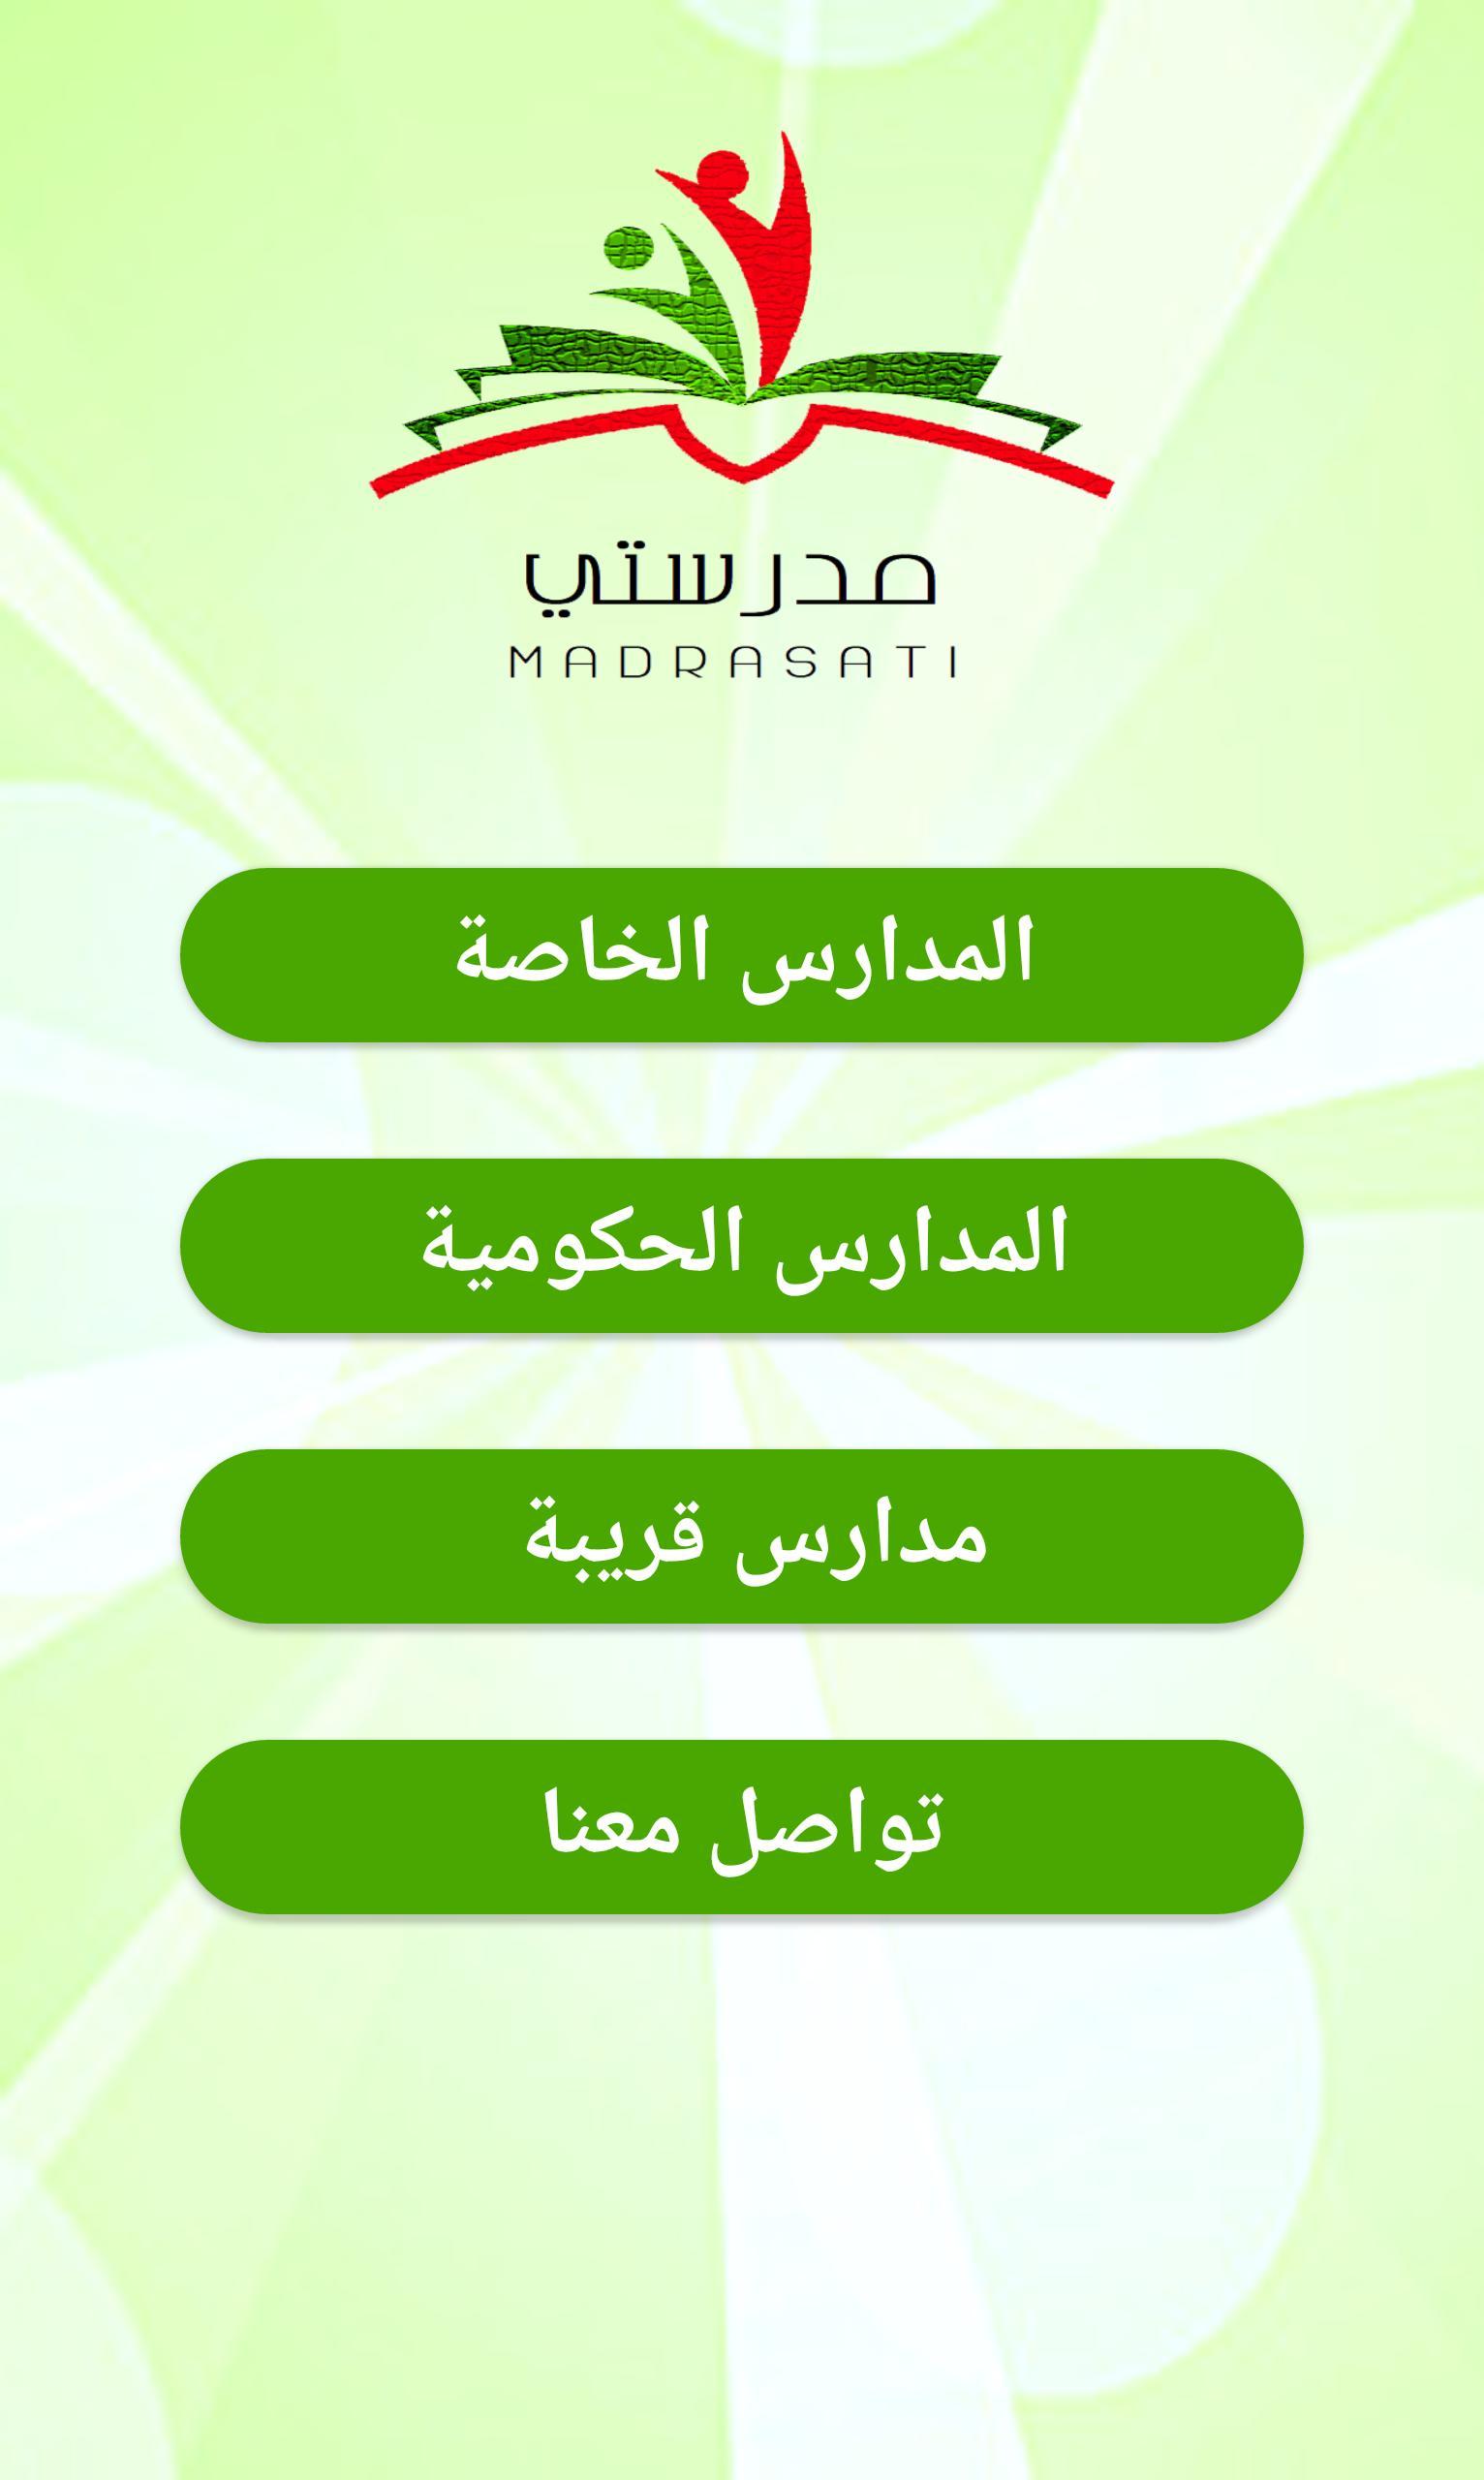 تطبيق مدرستي for Android - APK Download